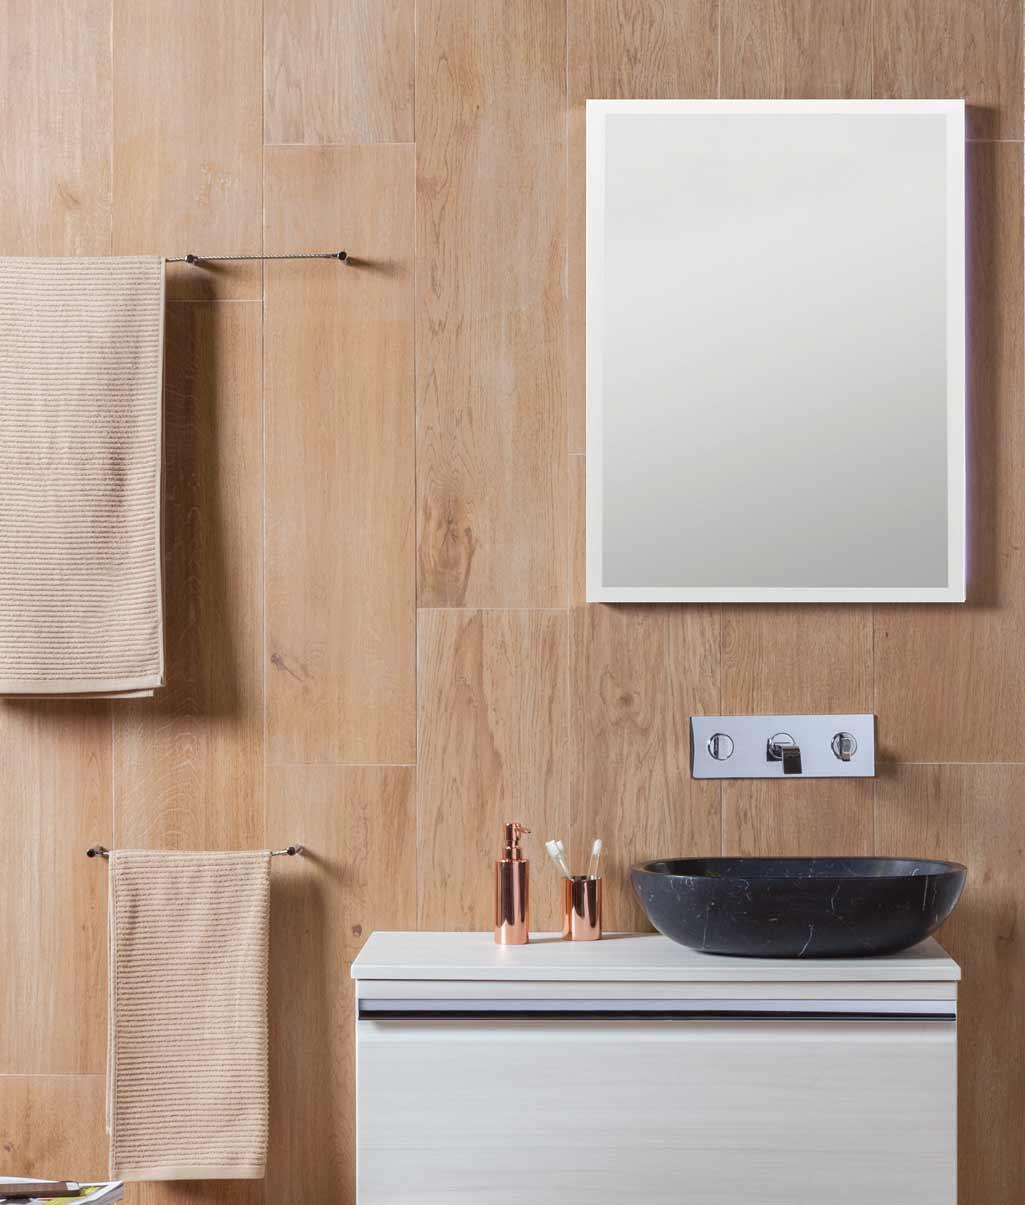 Lavabo rústico PETRA ovalado en mármol negro en baño completo.